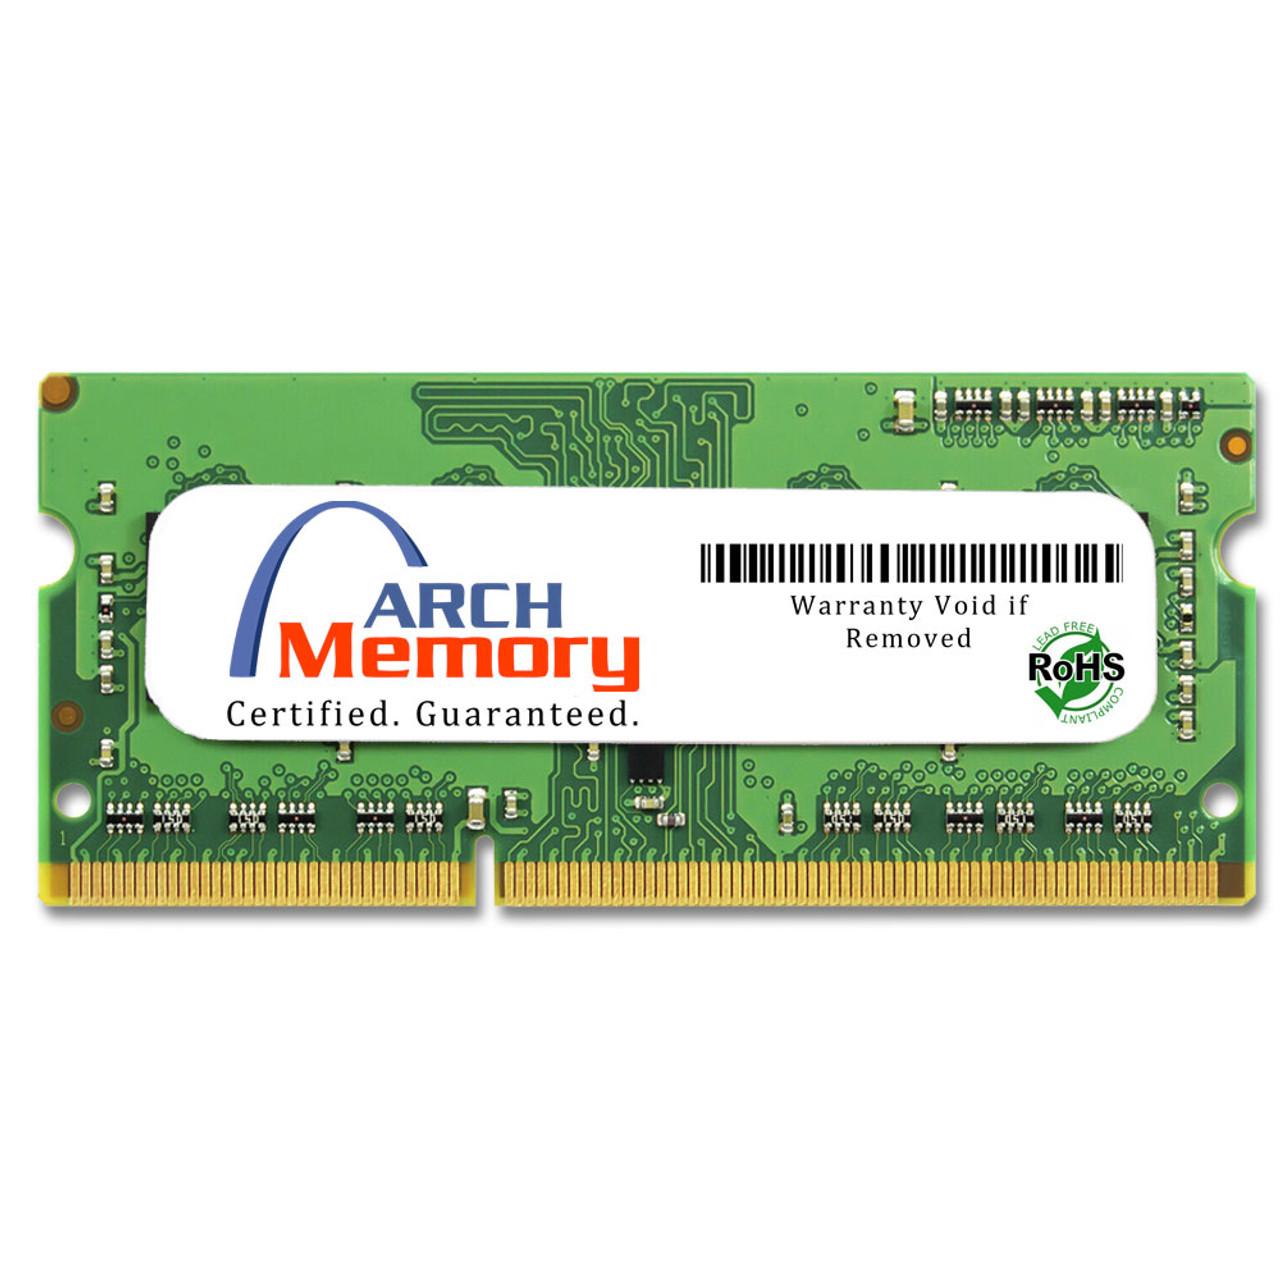 2GB 204-Pin DDR3L-1333 PC3L-10600 Sodimm 1.35v (1Rx8) RAM | Arch Memory